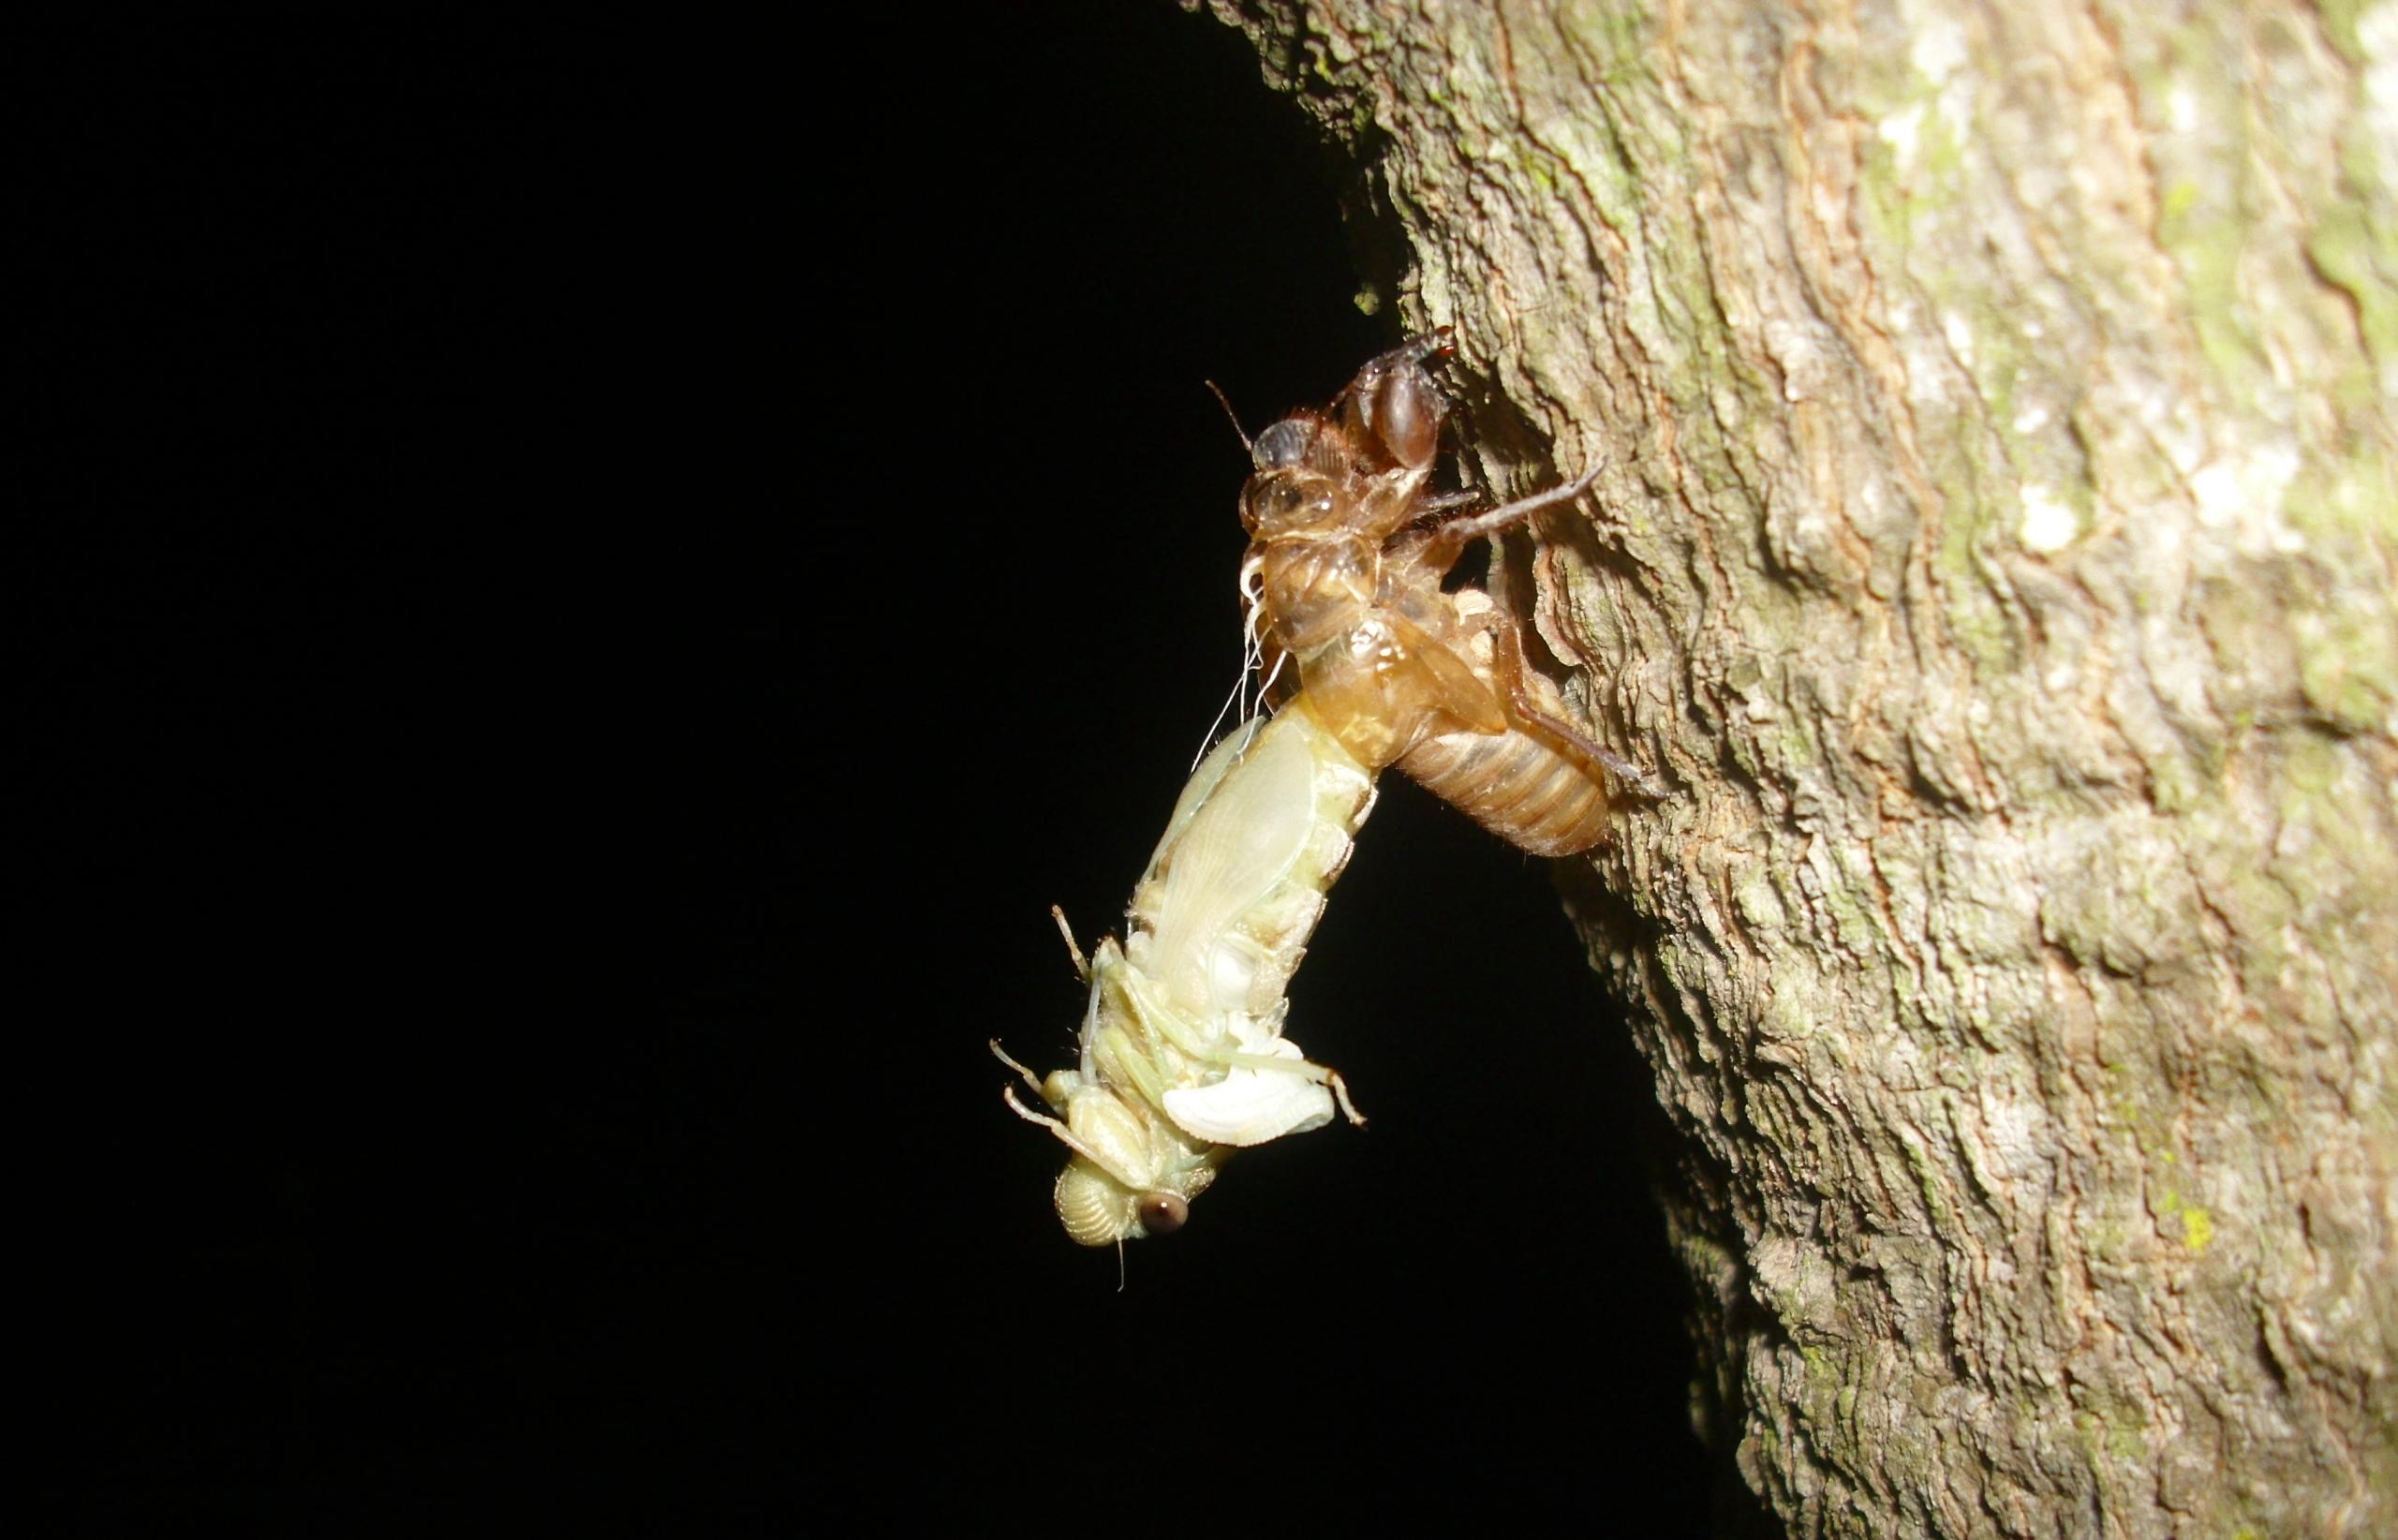 Ve sầu bò lên thân cây điều để thoát xác.